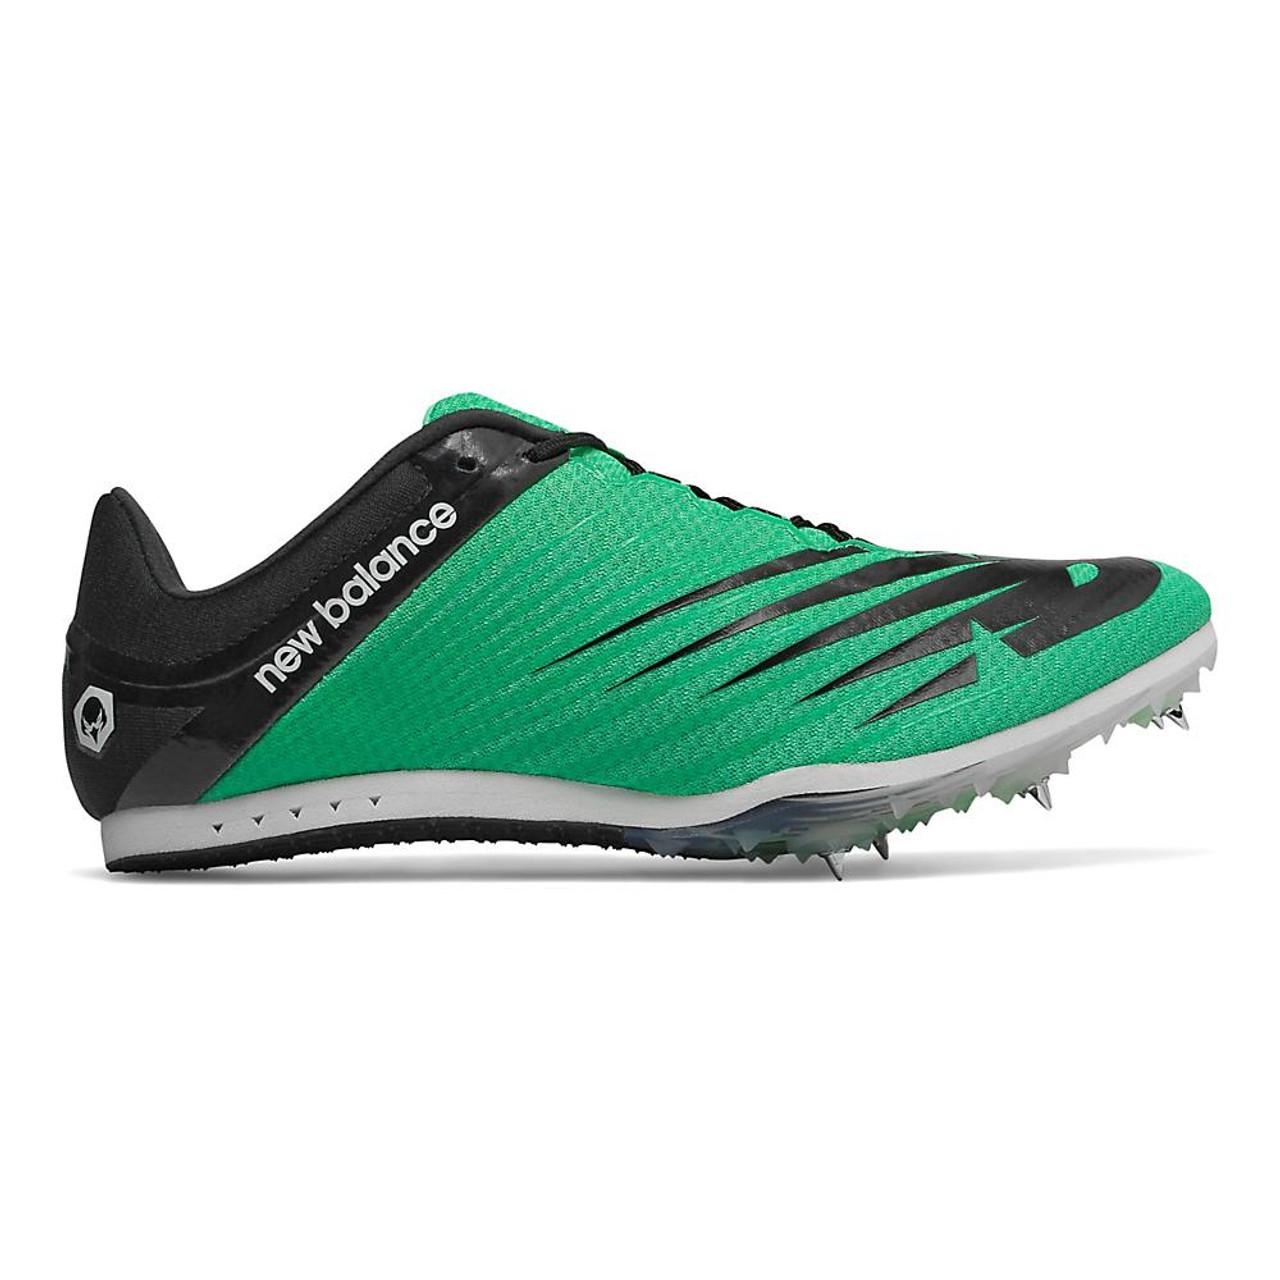 8af905c7aa63 Men s New Balance MD500v6 Track Shoe